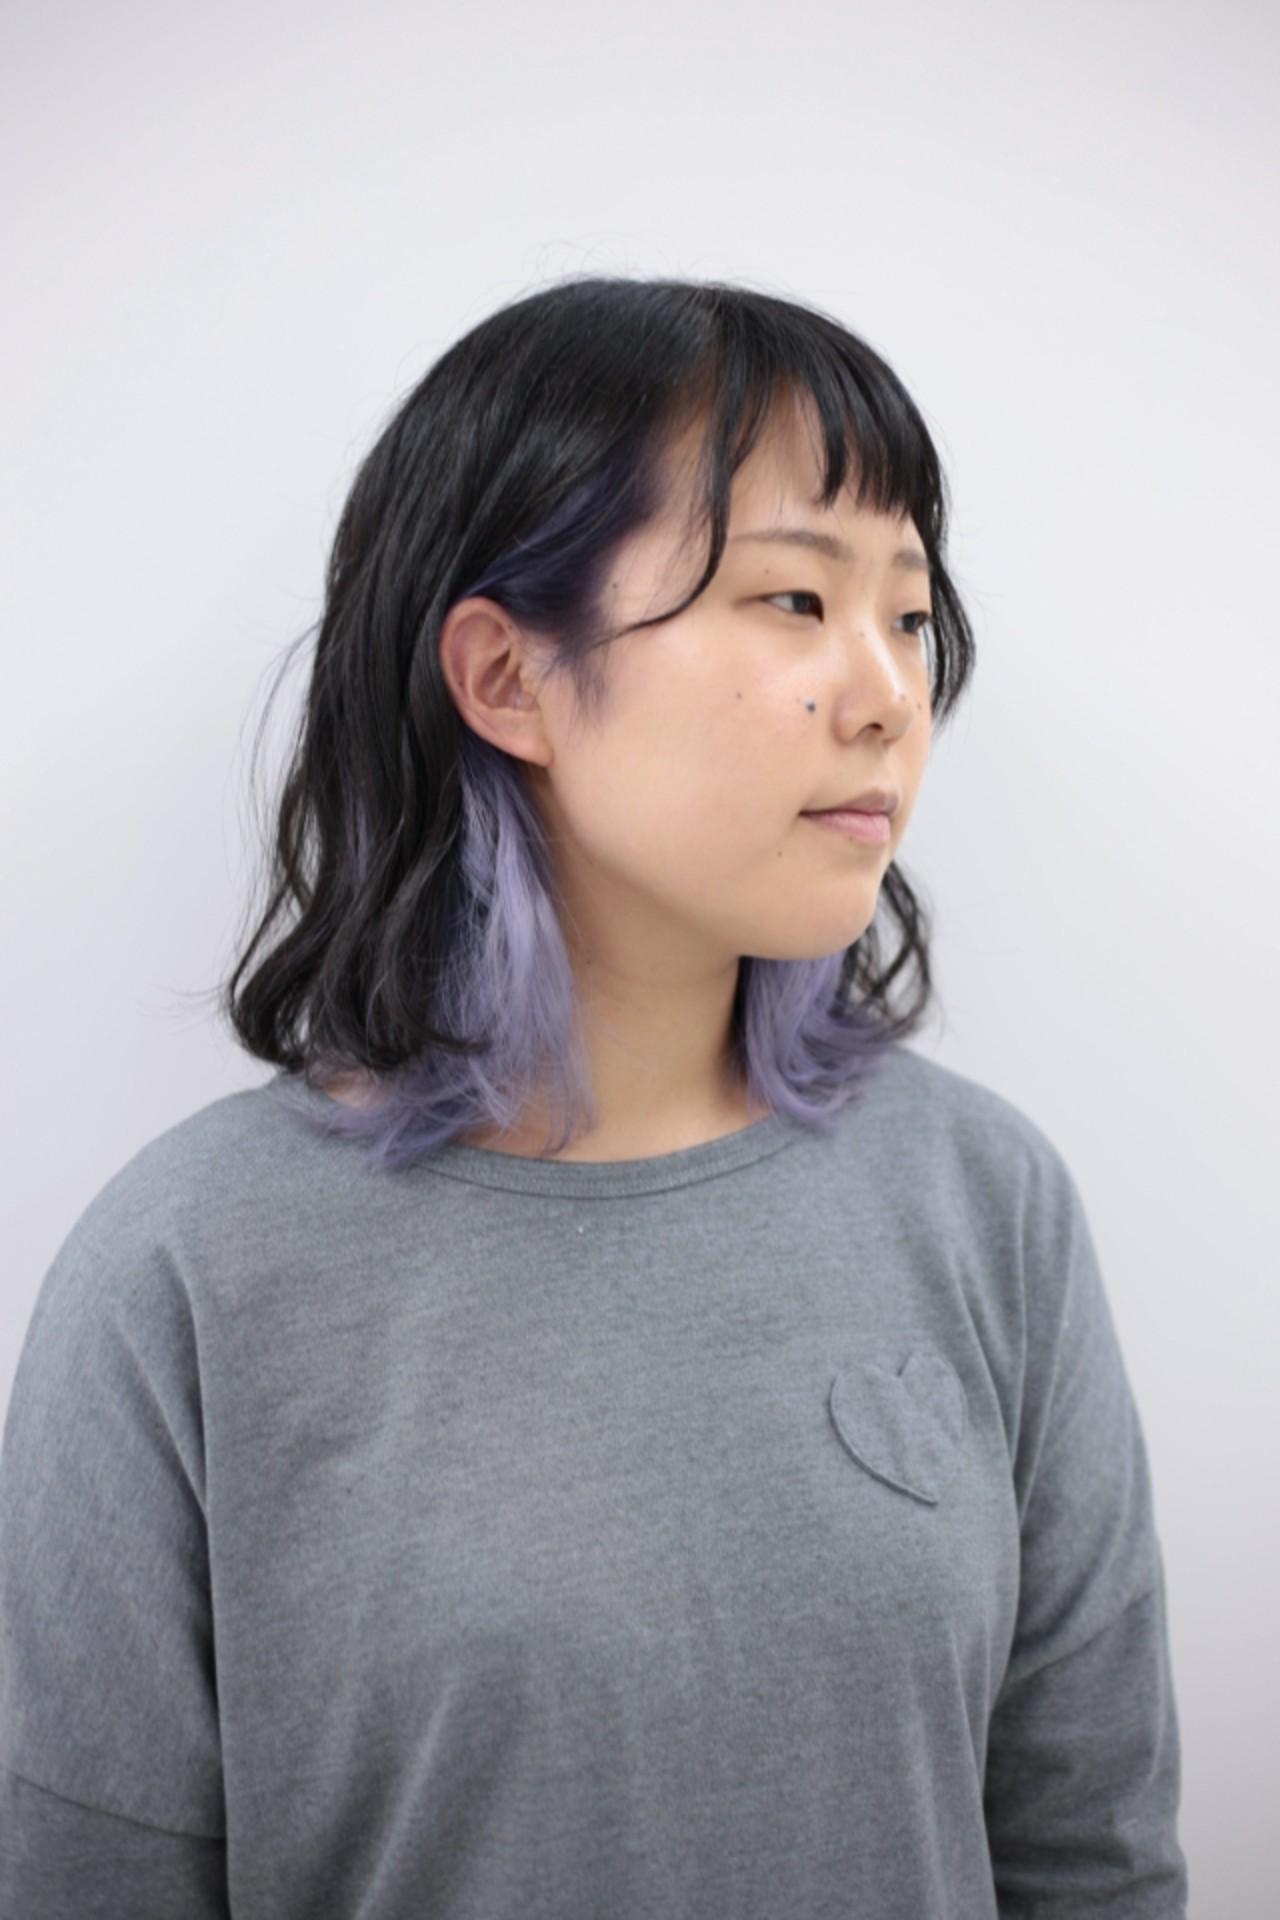 ミディアム ブリーチ ストリート ラベンダー ヘアスタイルや髪型の写真・画像 | kanata / CLLN hair design